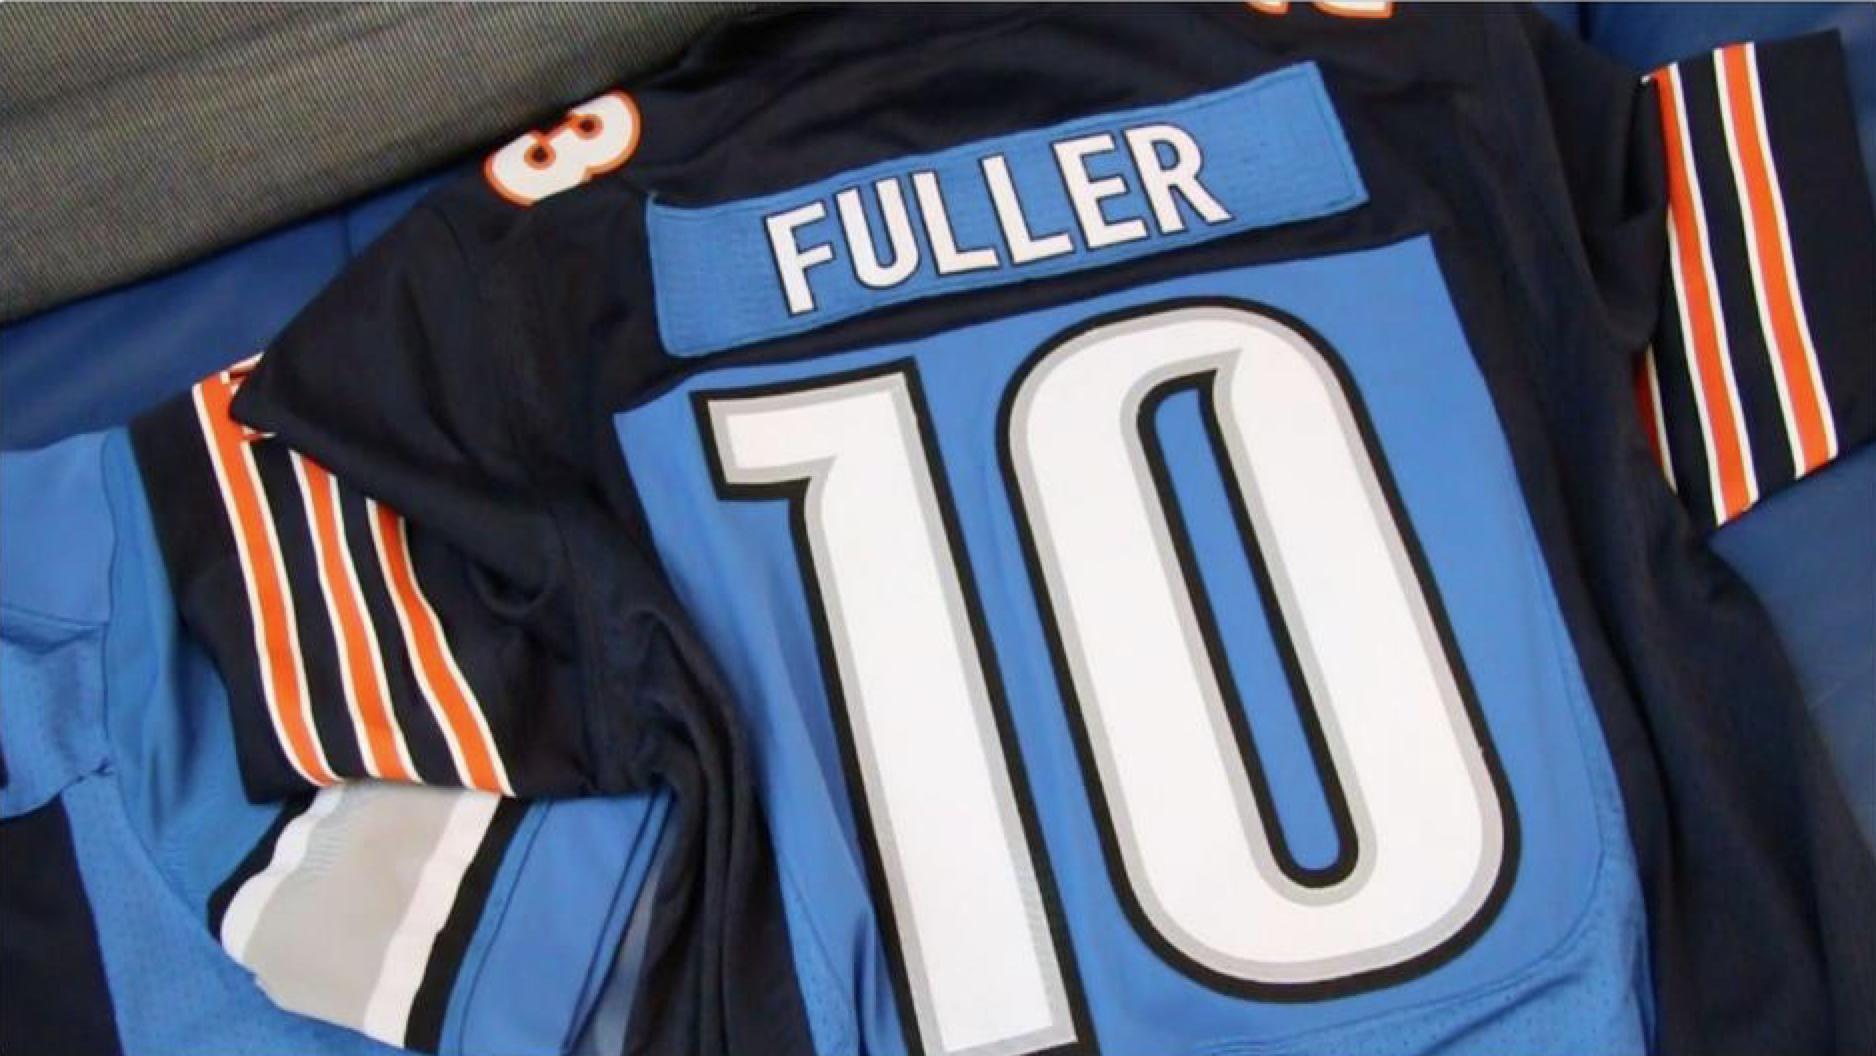 FullerJersey4